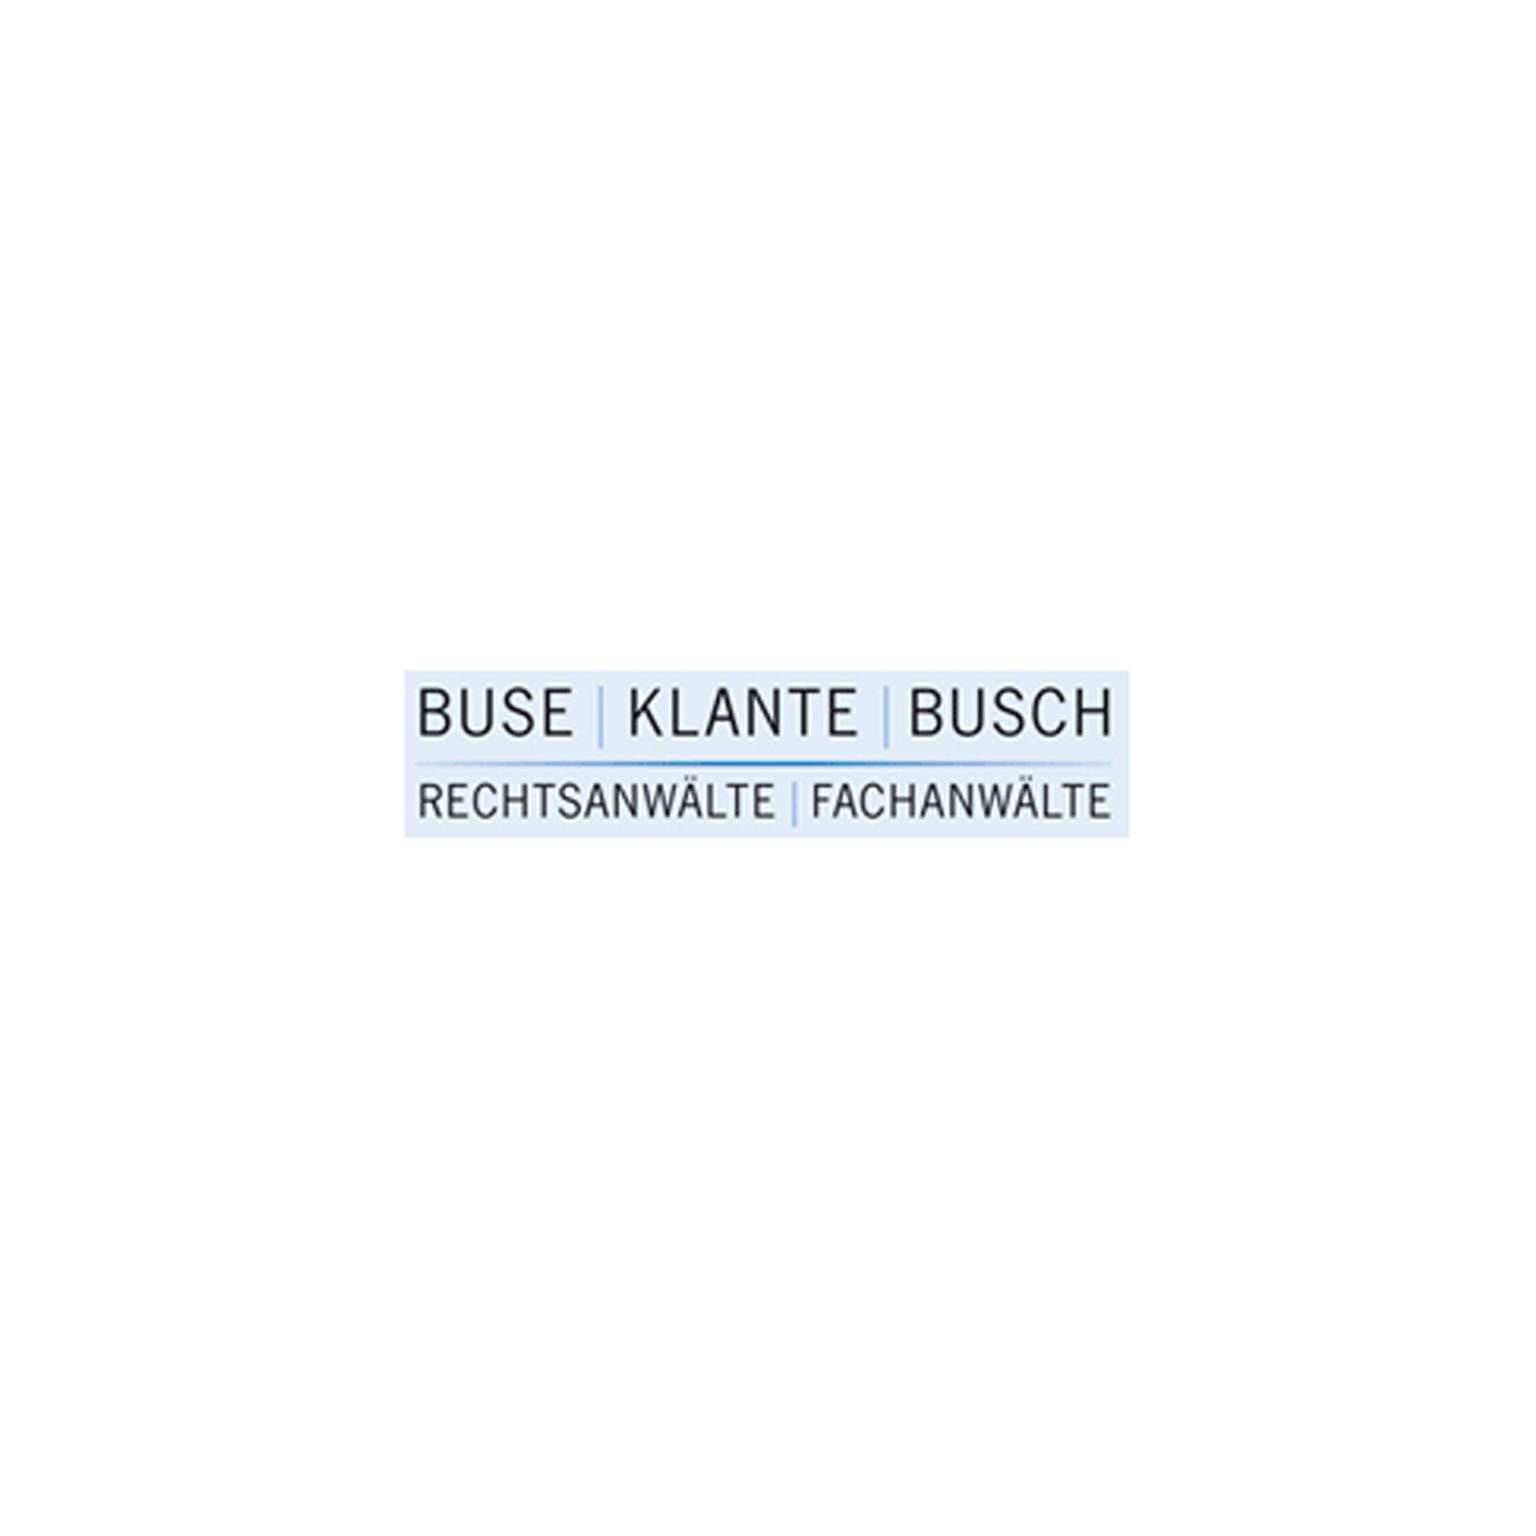 DictNow Referenz Buse Klante Busch